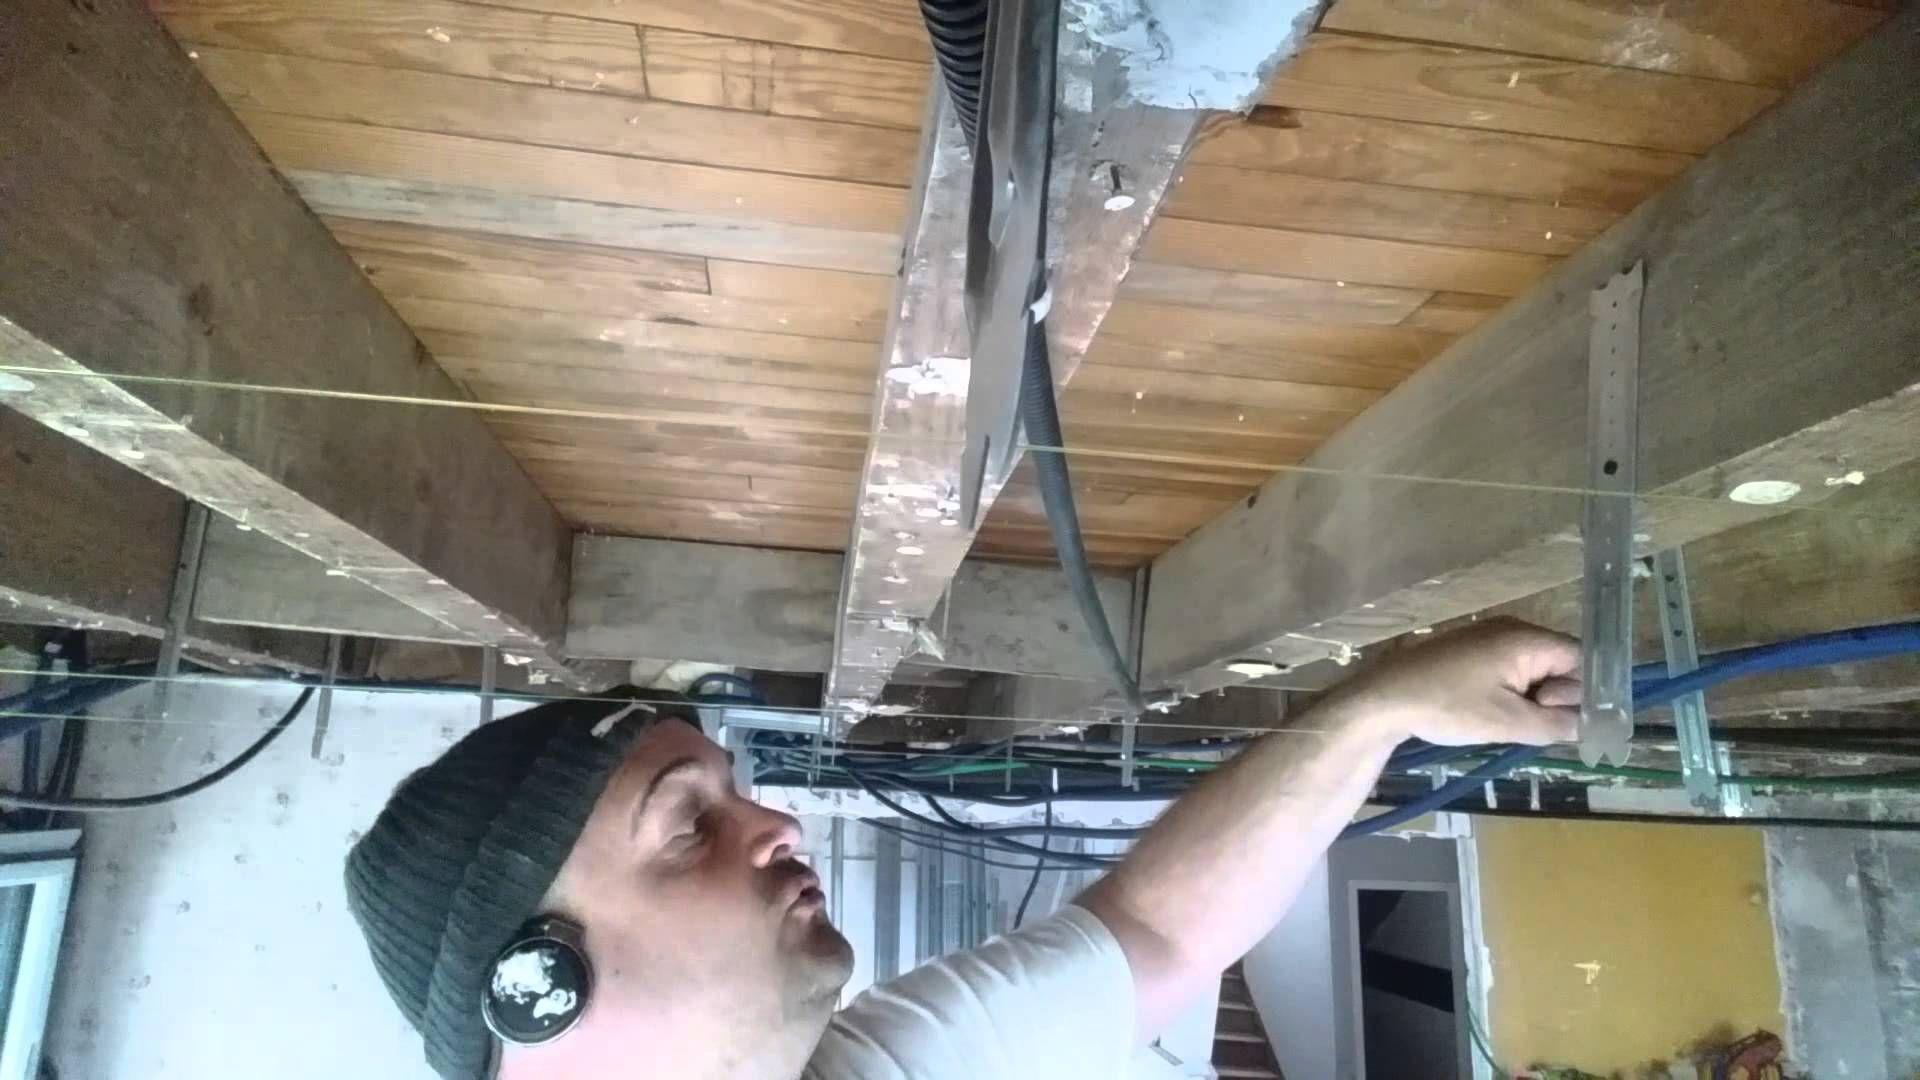 Faux Plafond Suspendu En Dalles Isolantes faire faux plafond placo sous plancher bois , la pose des